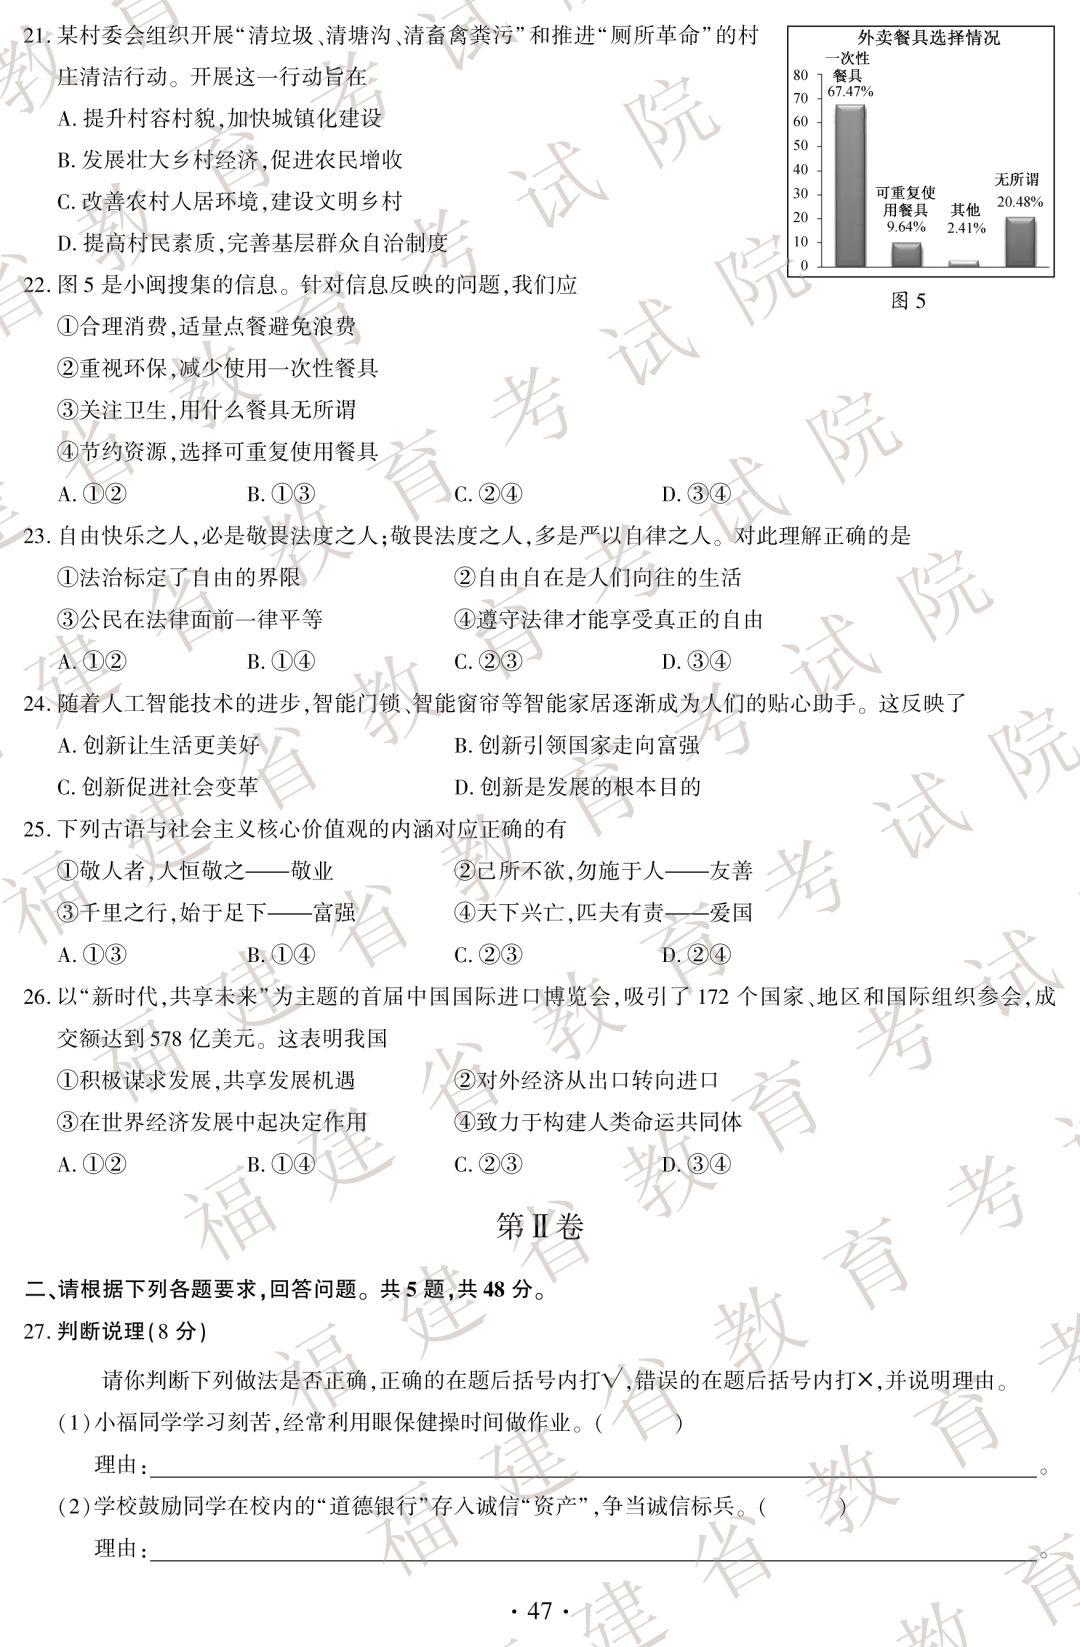 2019福建中考语文/数学/英语/物理/化学/政治/历史试题及答案解析